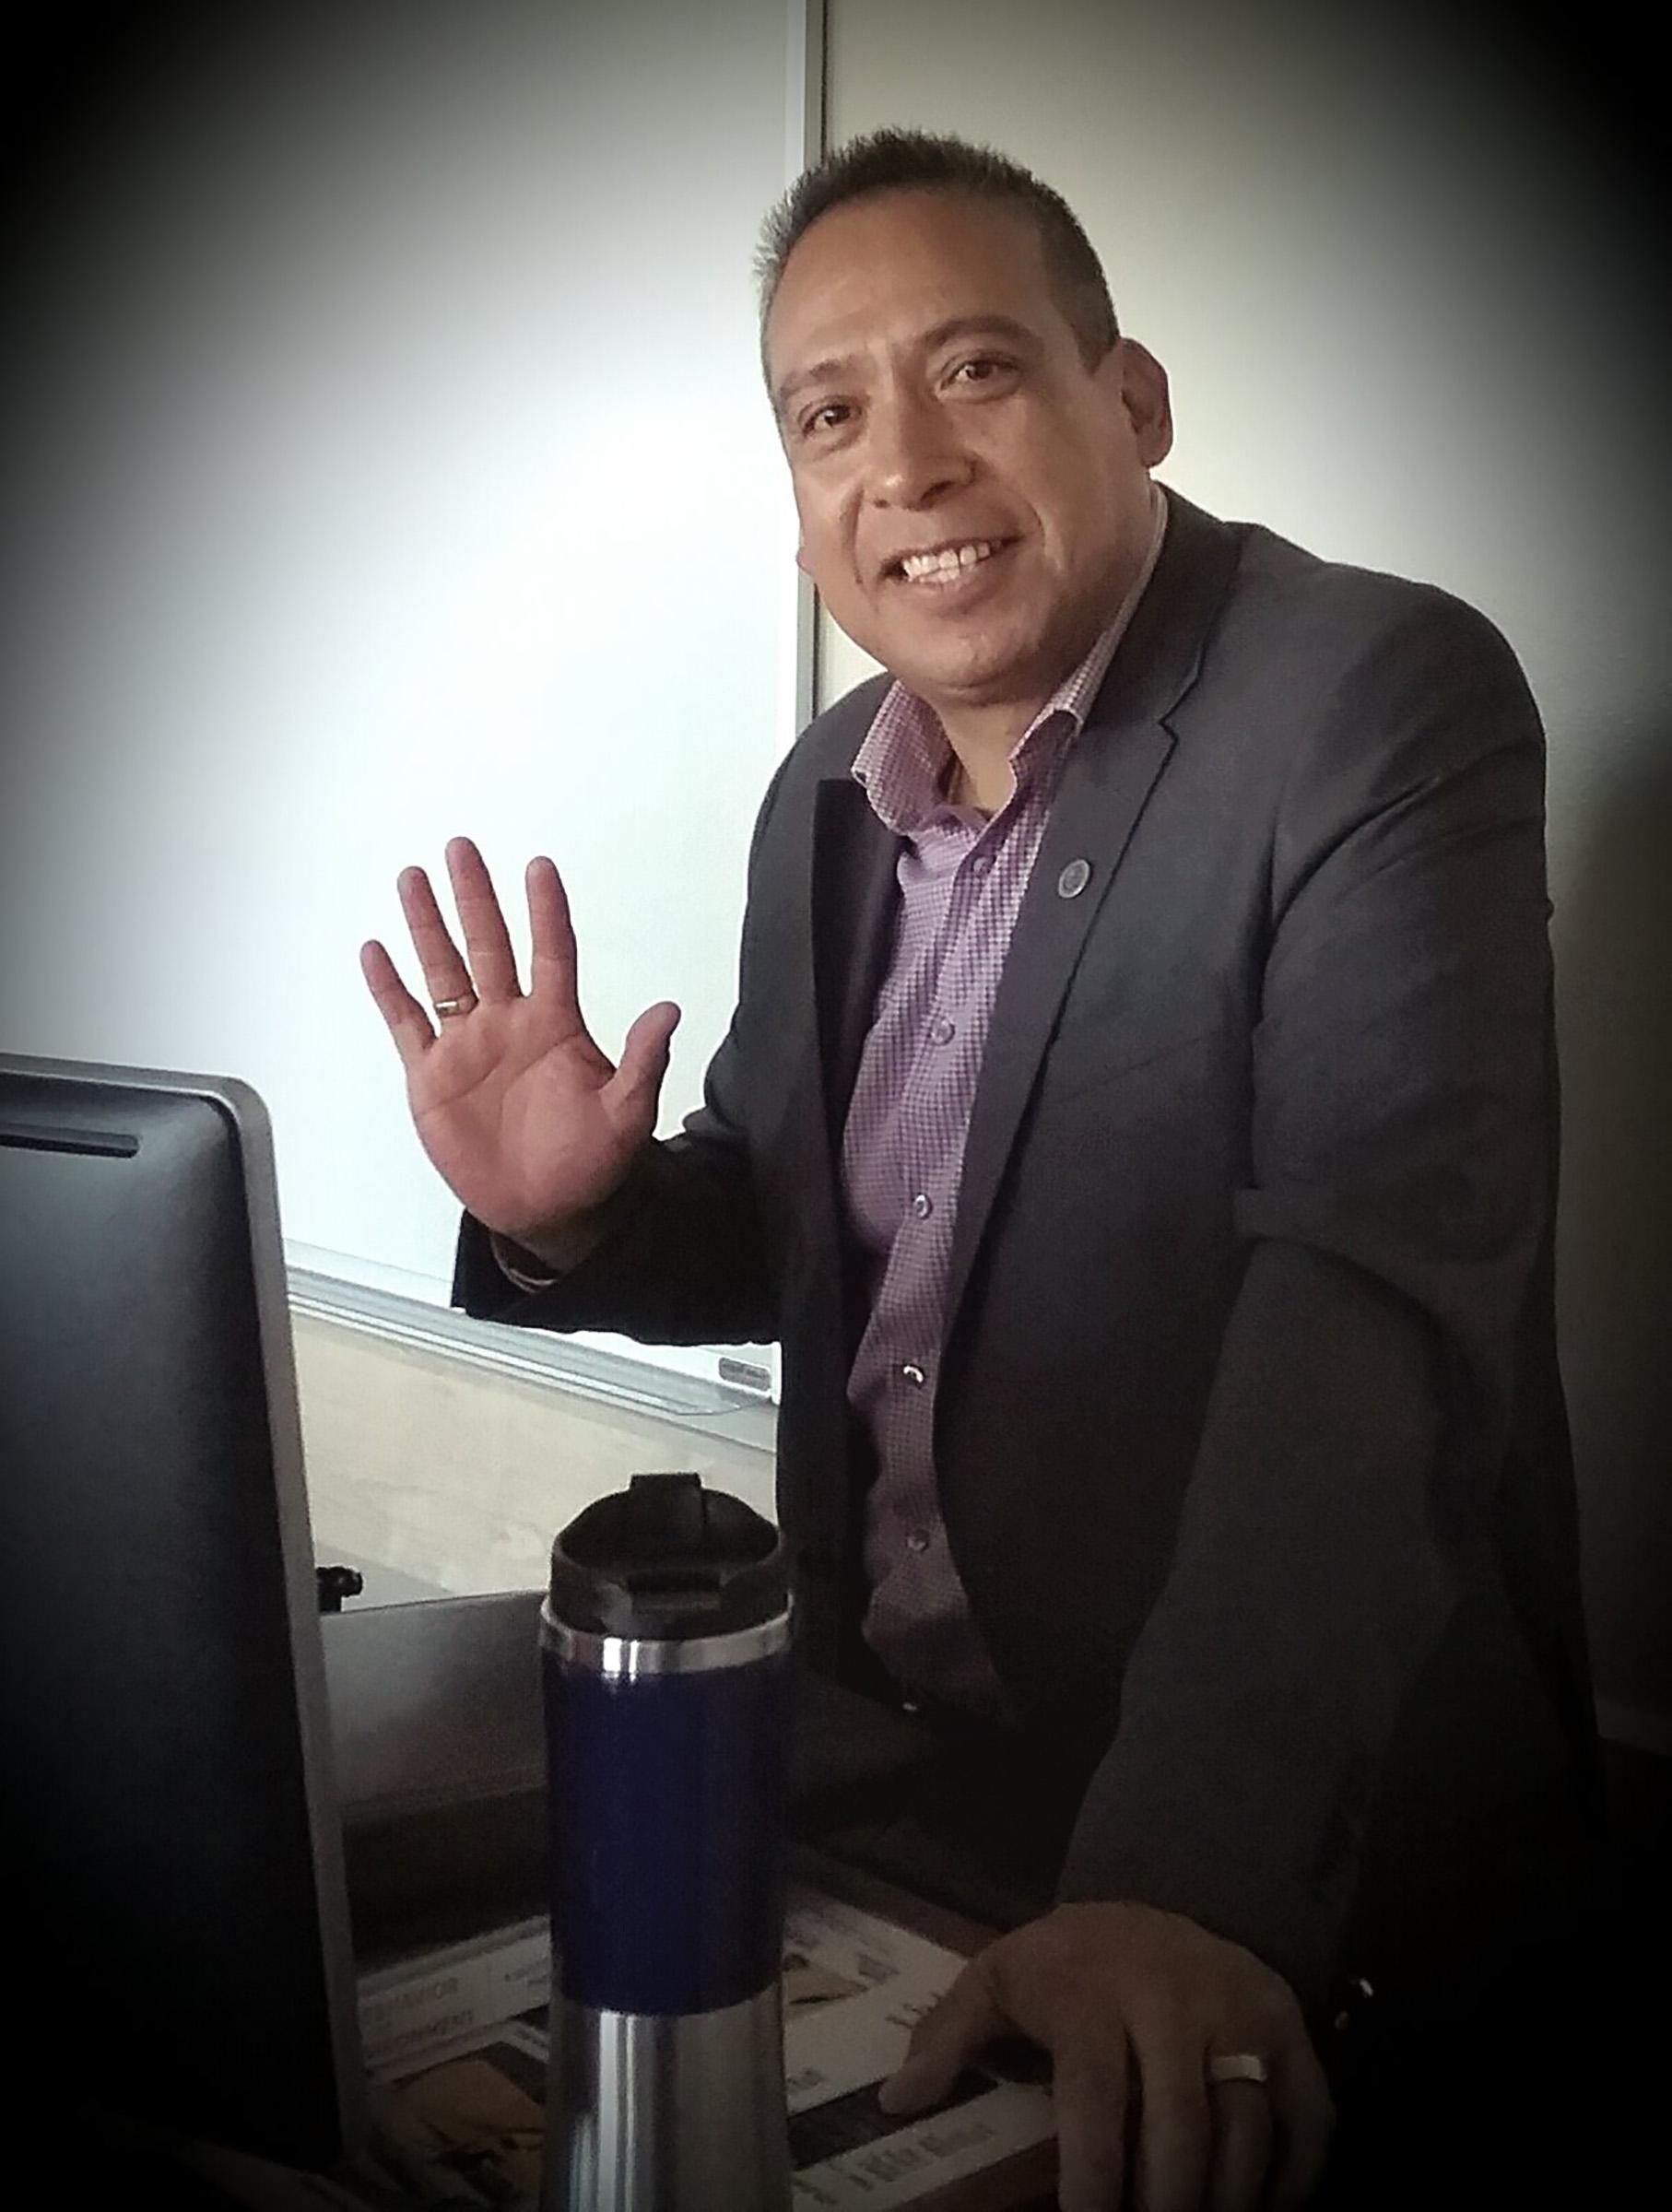 Miguel Juarez in class